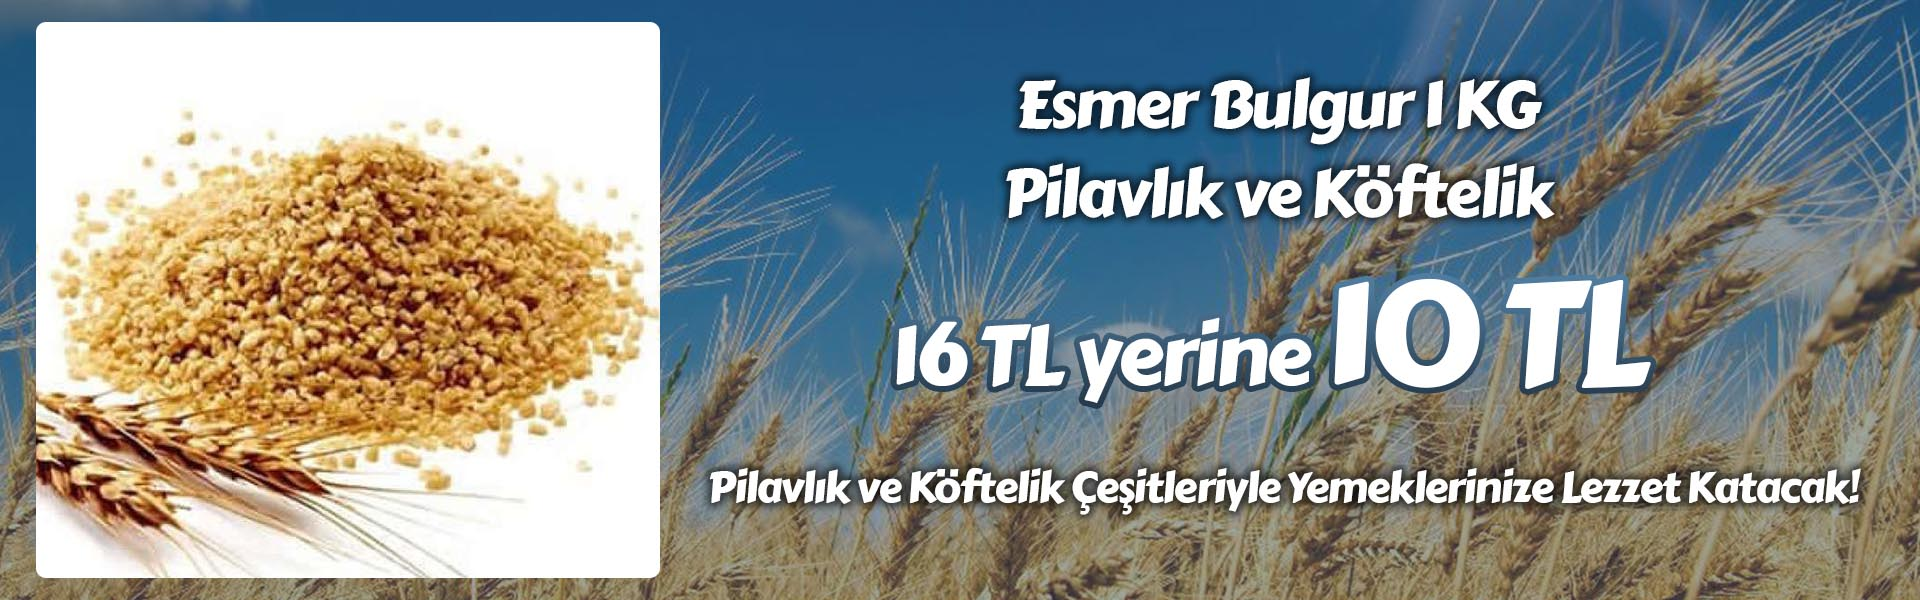 Esmer Bulgur